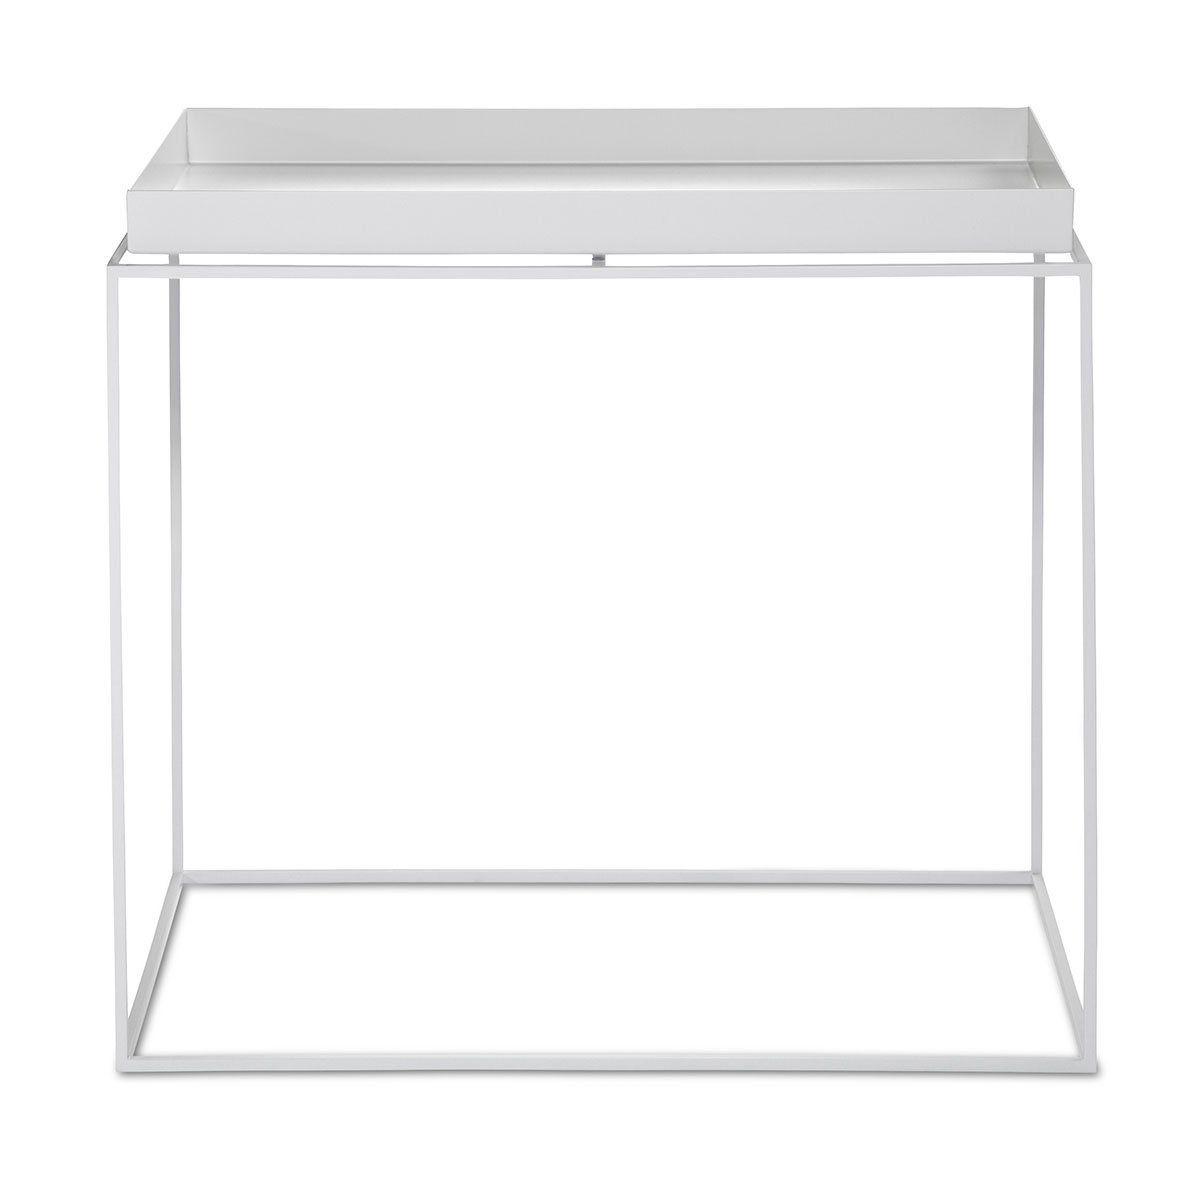 Bezaubernd Beistelltisch Rechteckig Referenz Von Concept.de: Hay Tray Table Rechteckig, Weiß 40x60x54cm